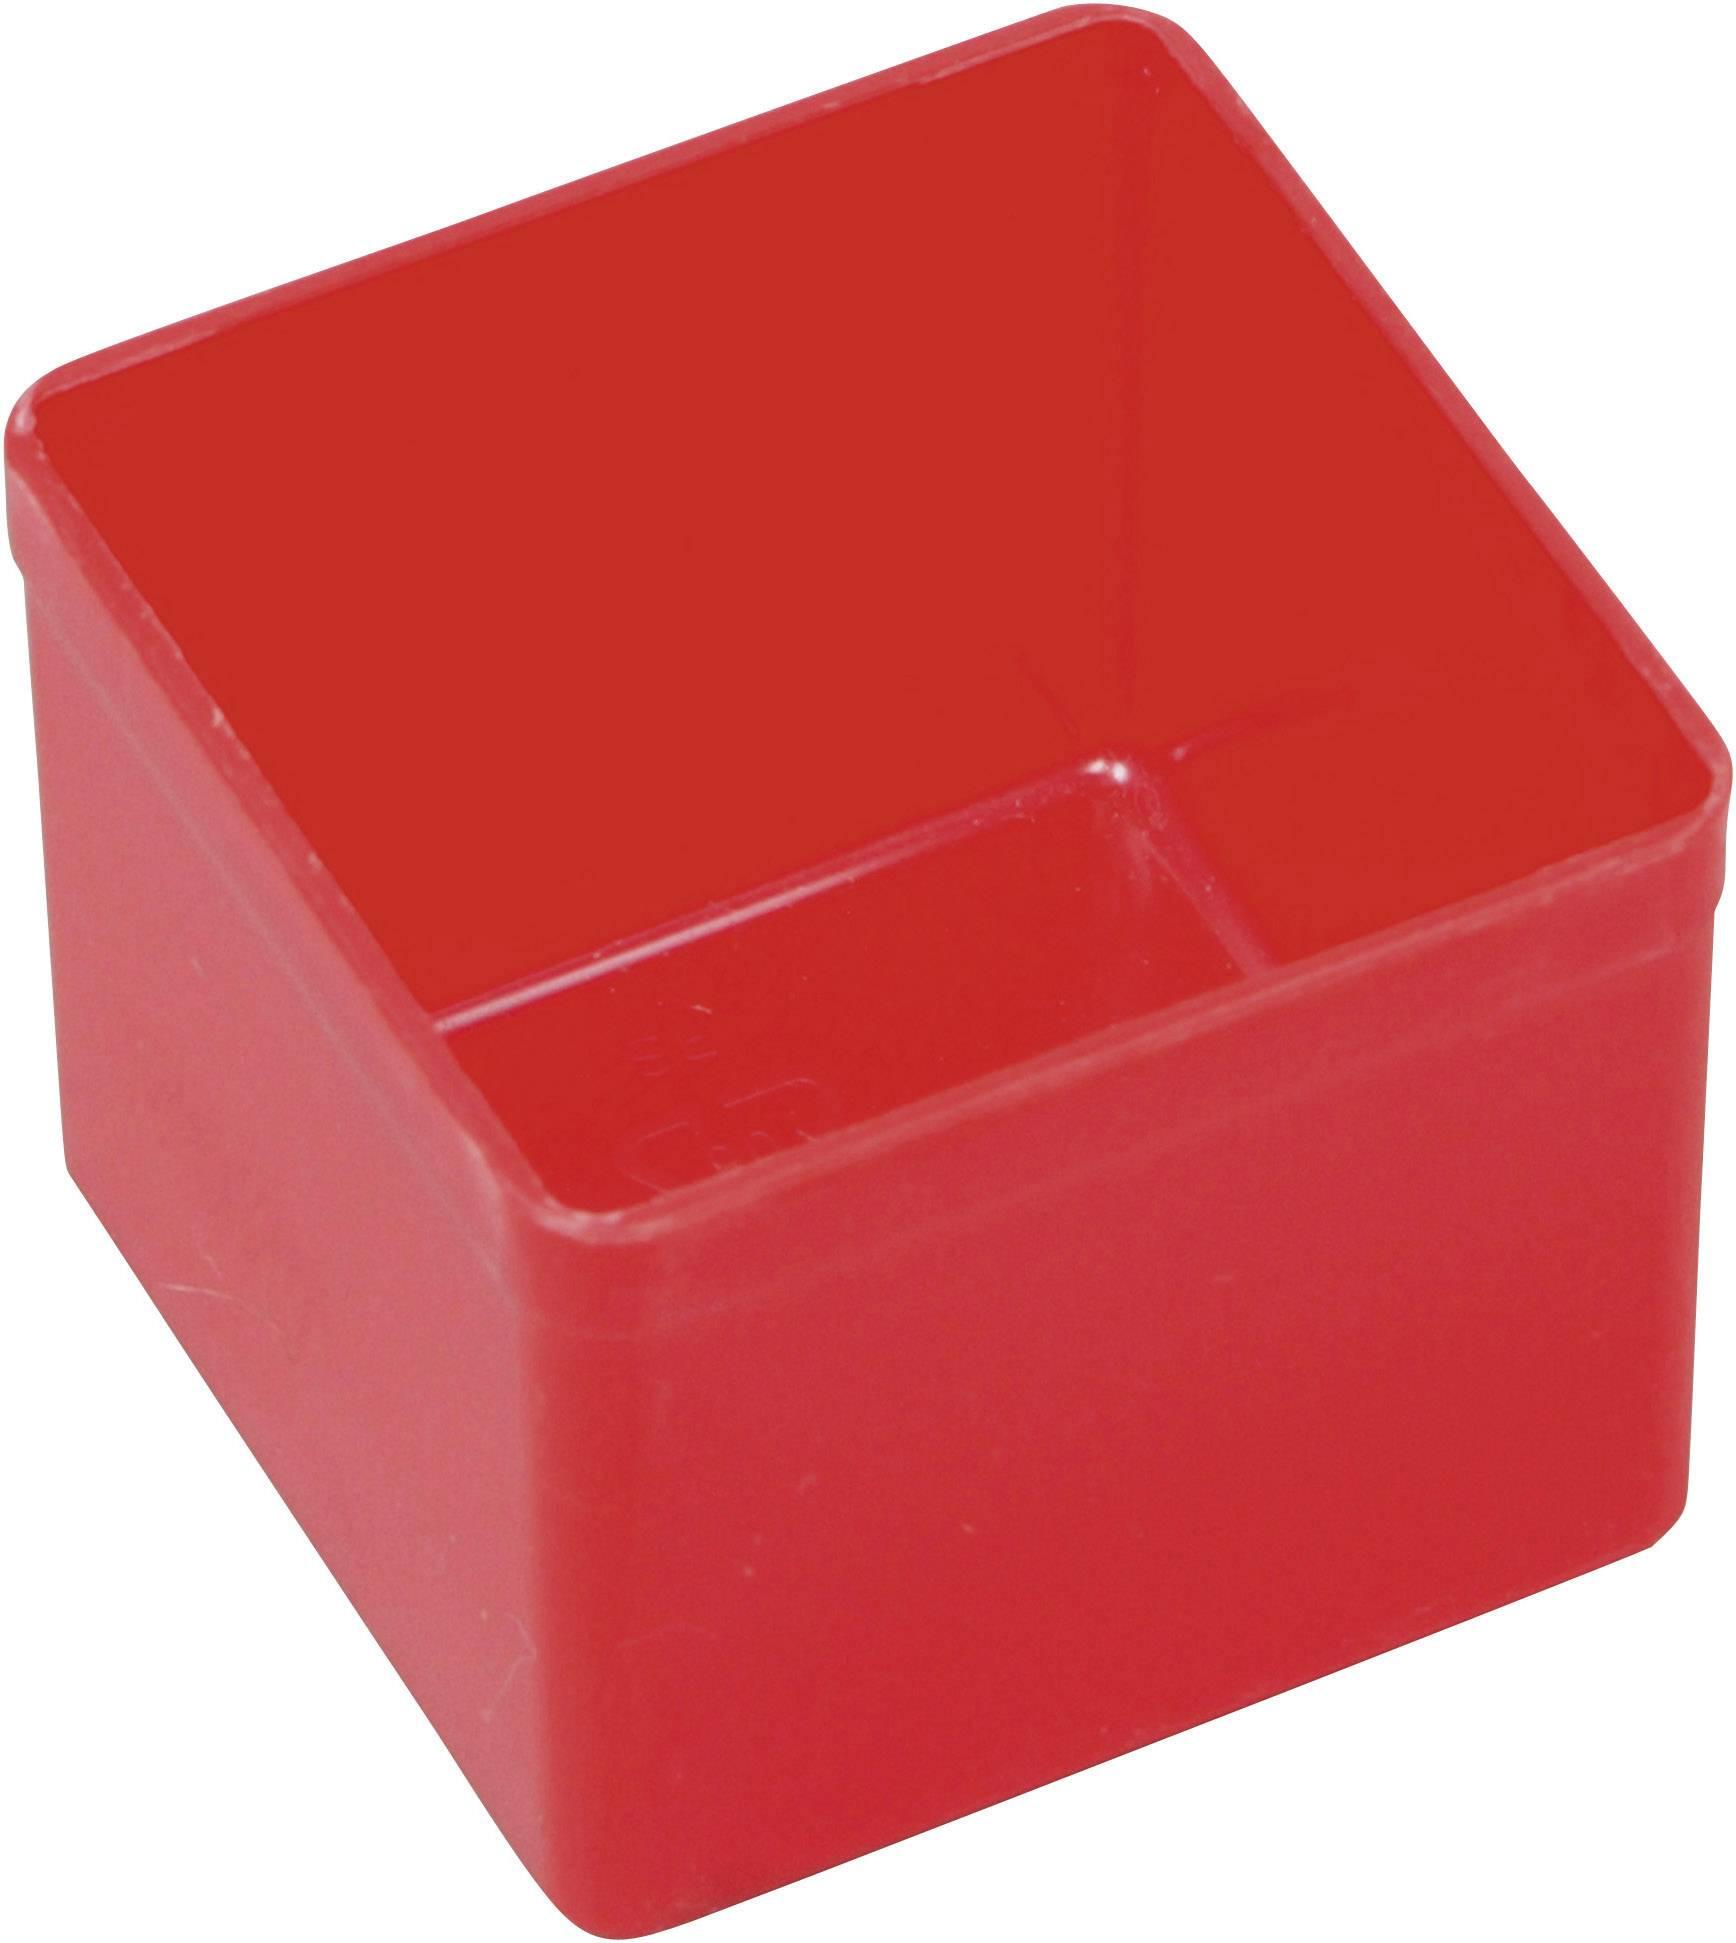 Vložka do kufříku na součástky Allit, 456300, 54 x 54 x 45 , červená